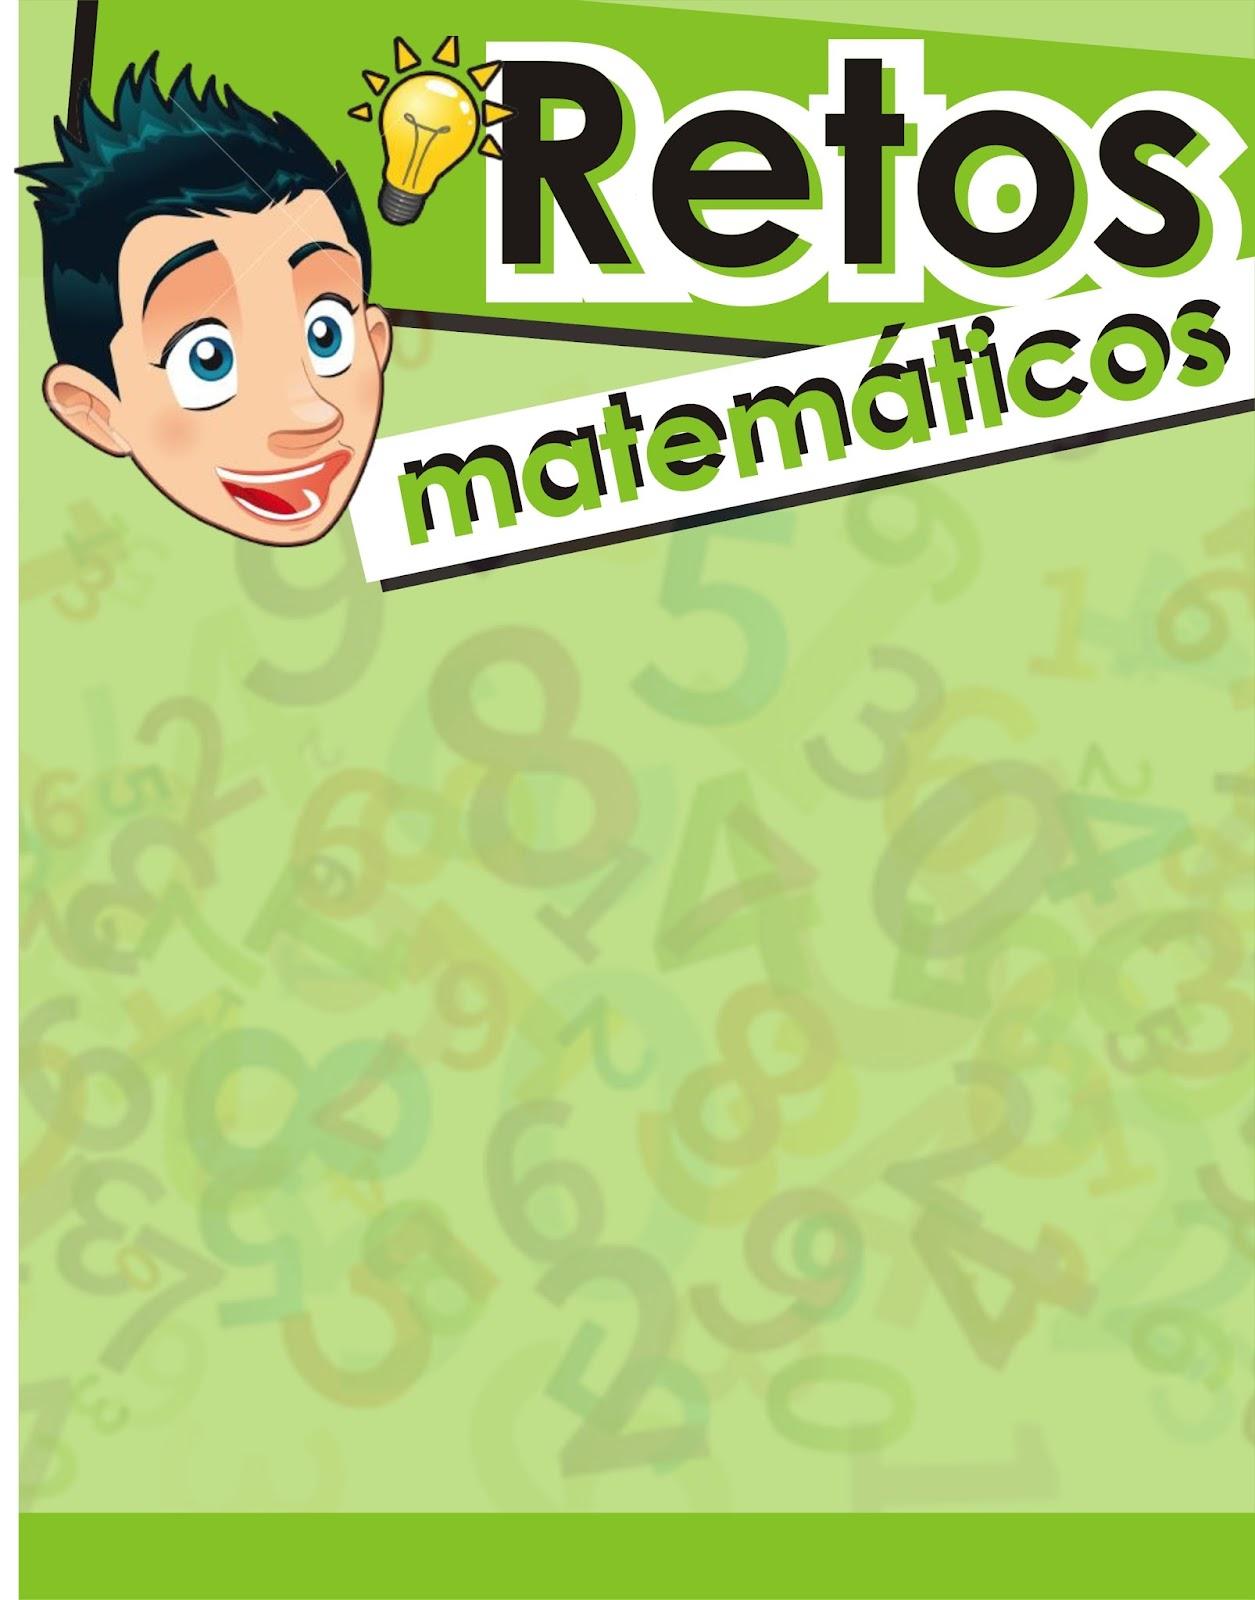 Retos Mat.jpg